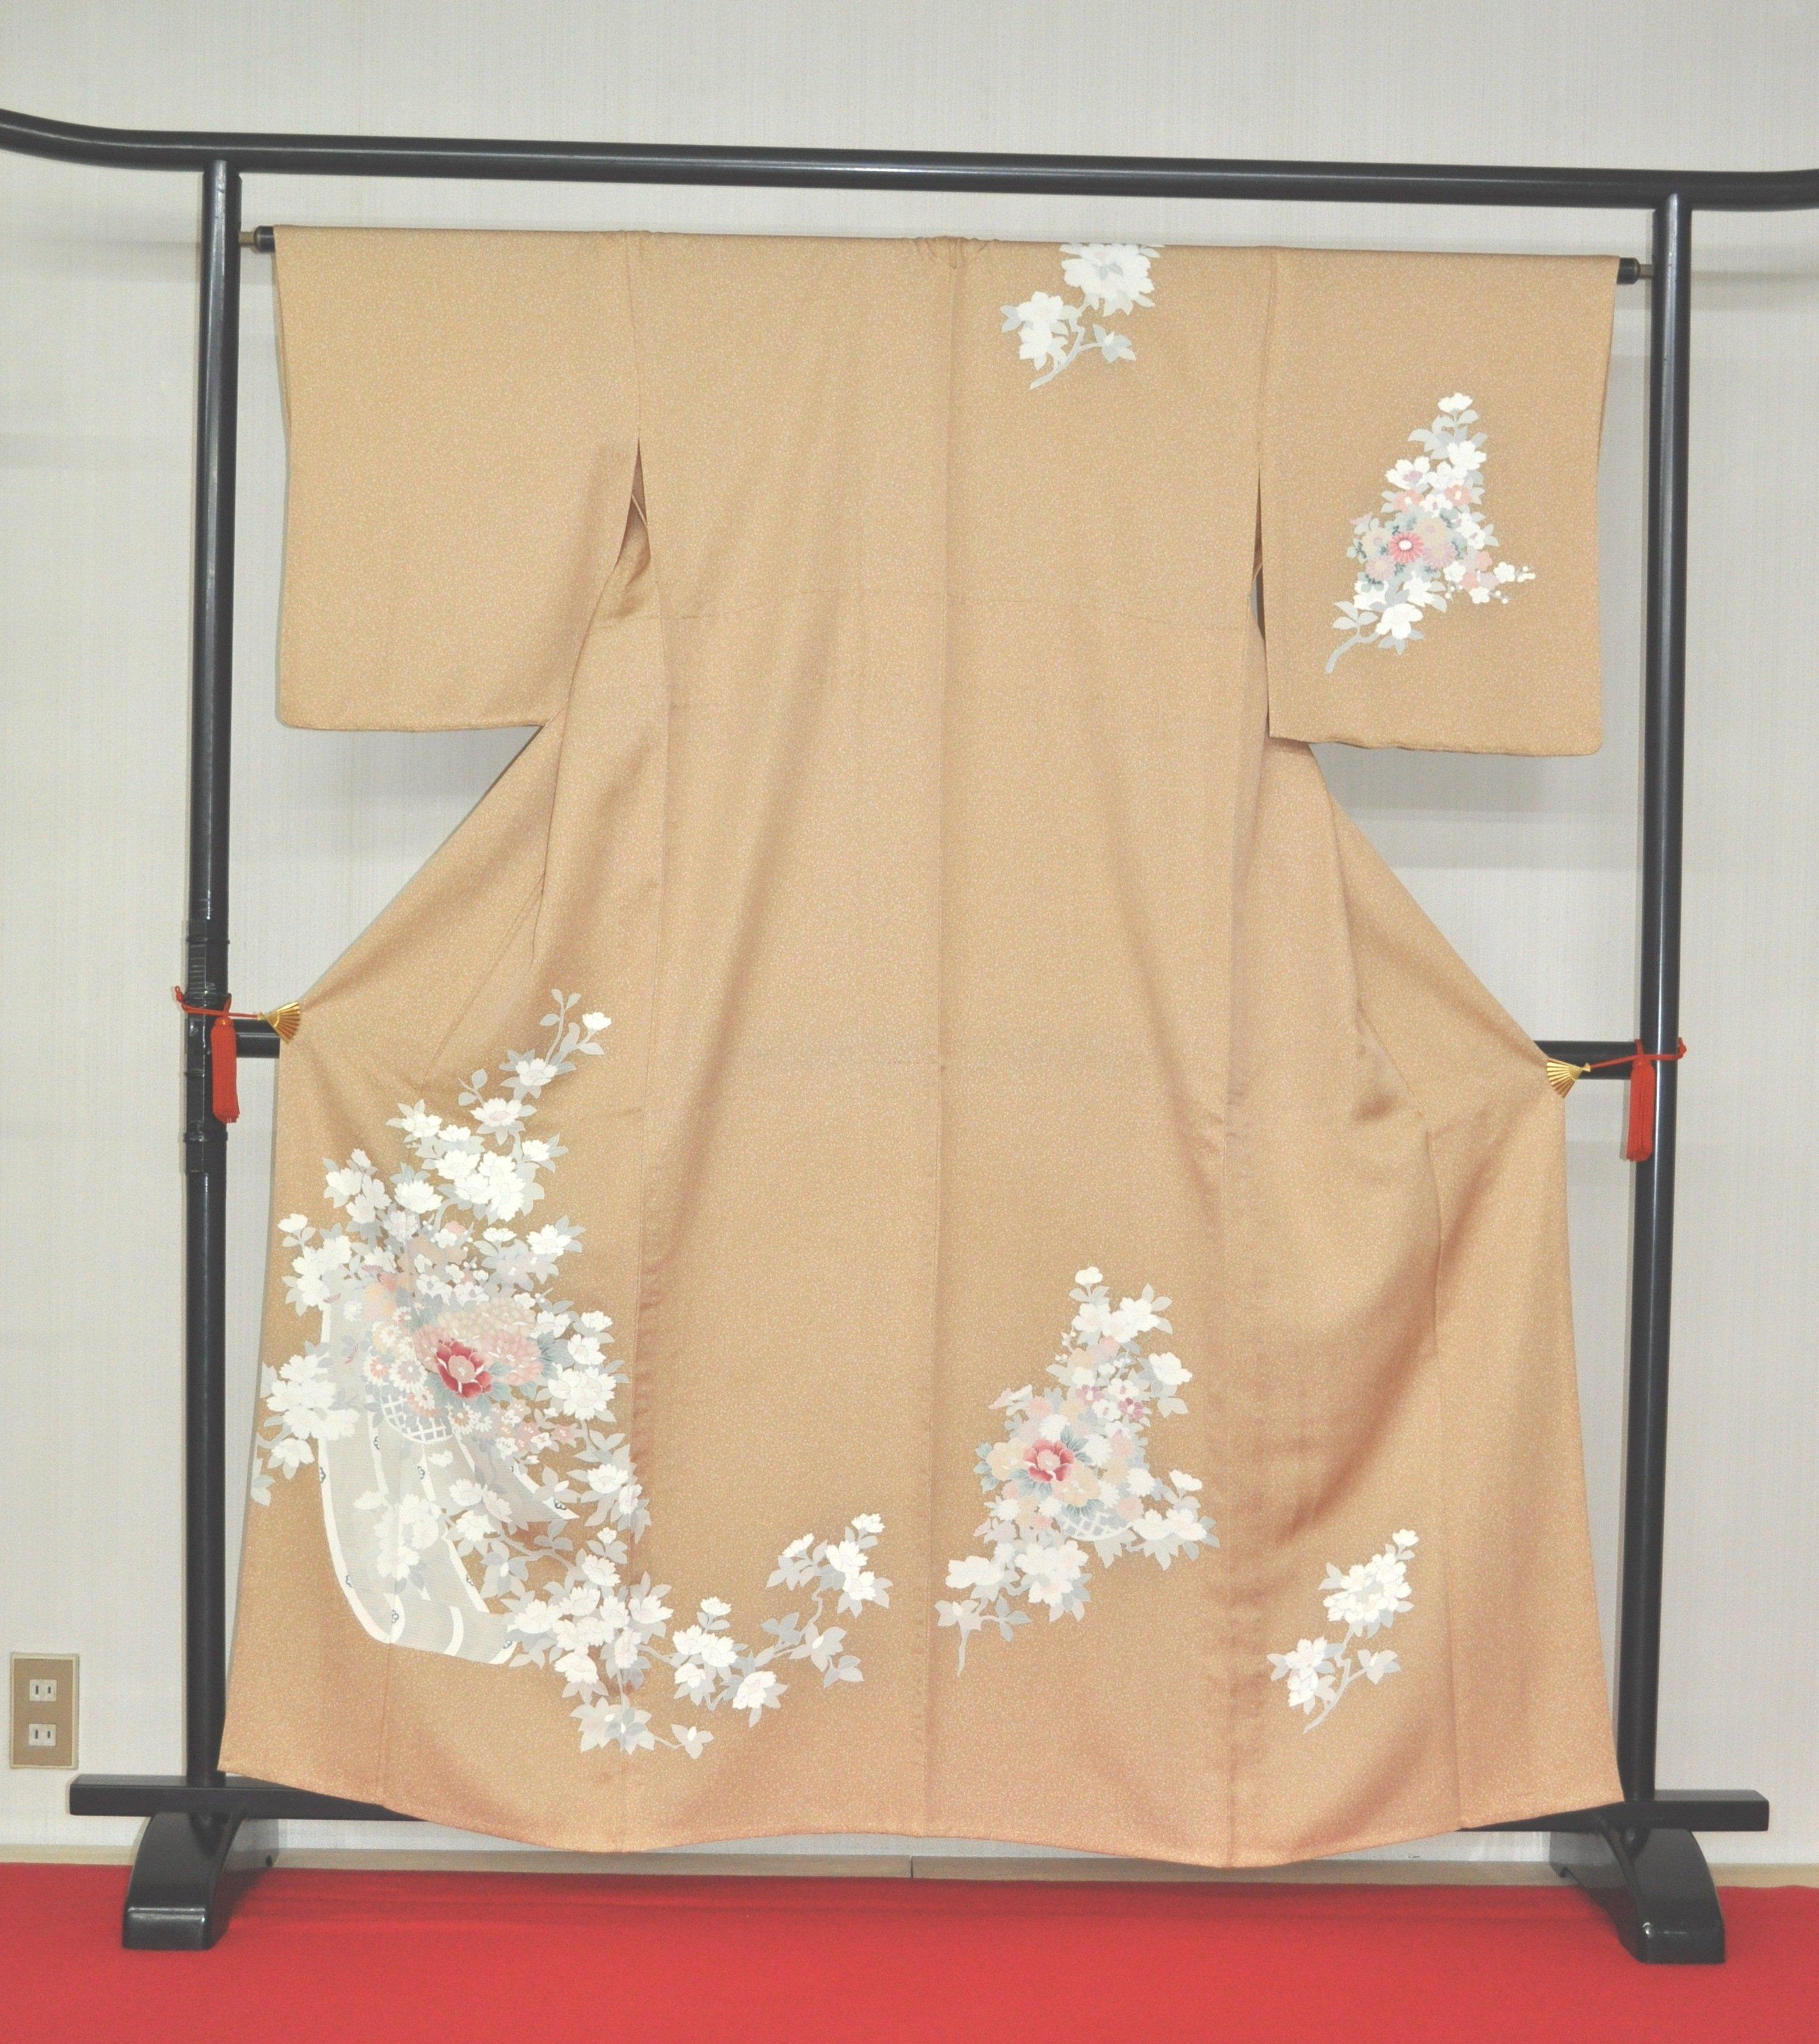 千葉県の着物修繕・染め替え・洗い・シミ抜き・仕立て直し・販売の丸松24